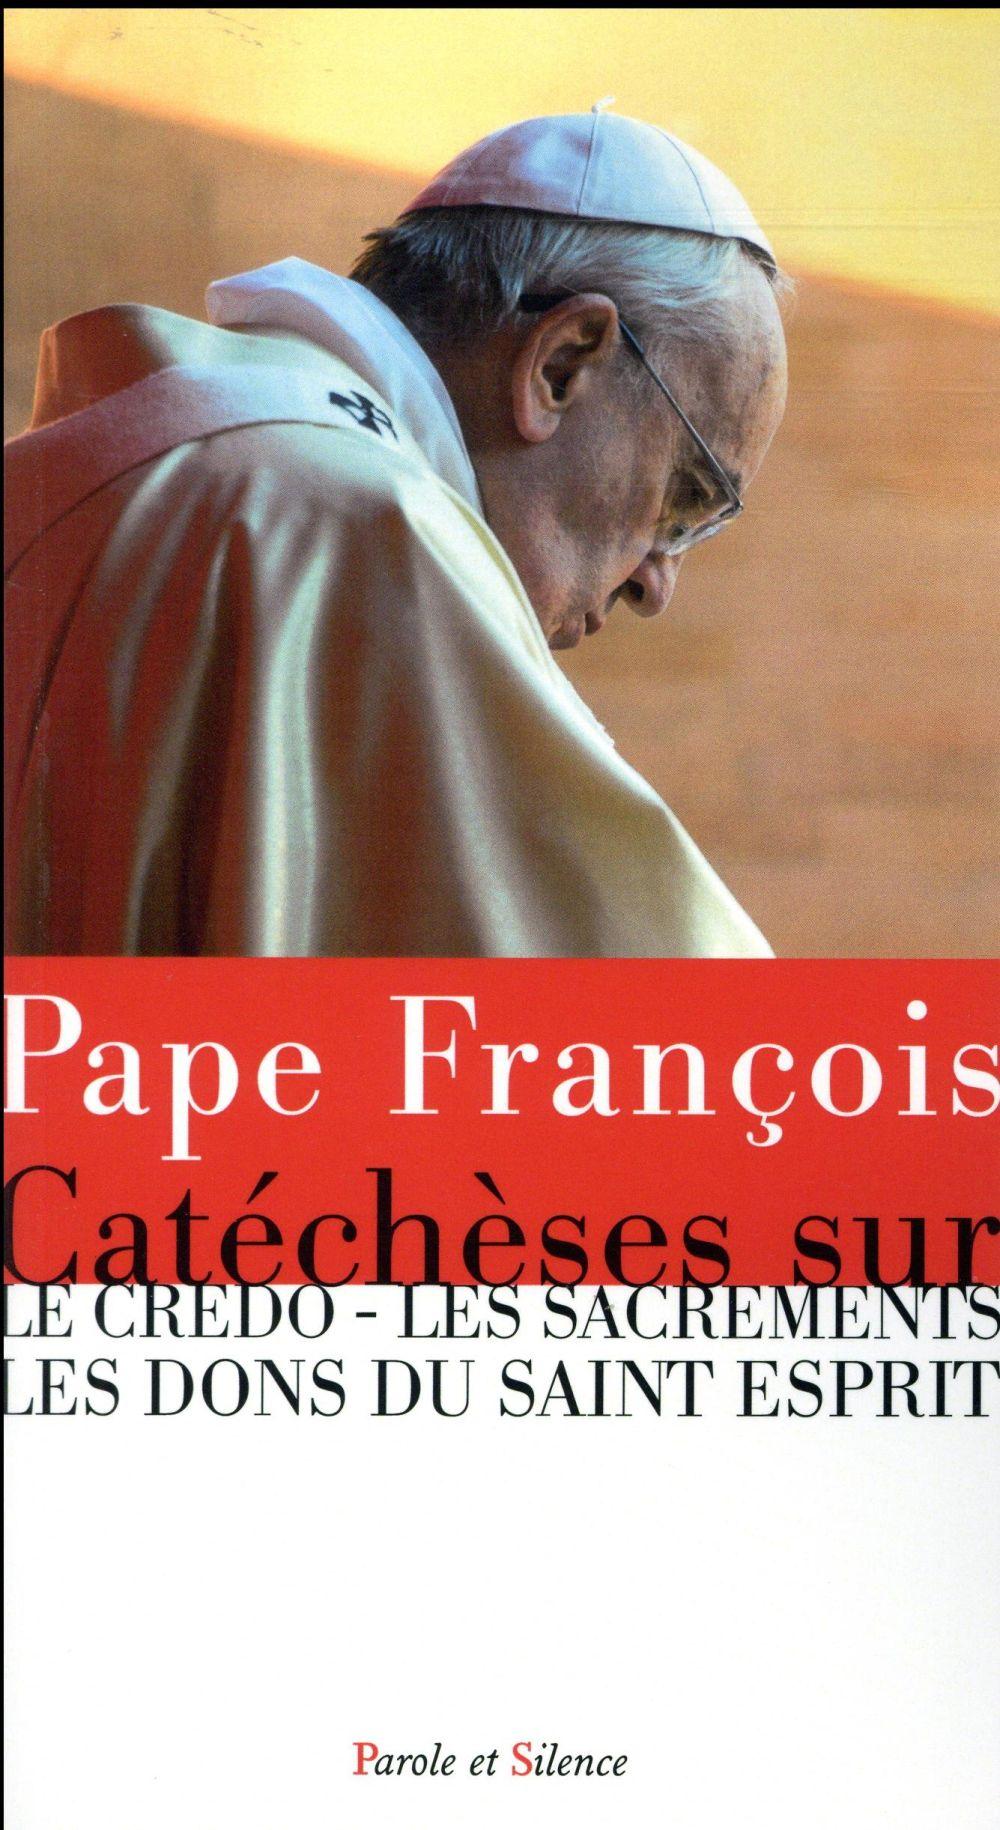 PAPE FRANCOIS CATECHESES SUR LE CREDO LES SACREMENTS